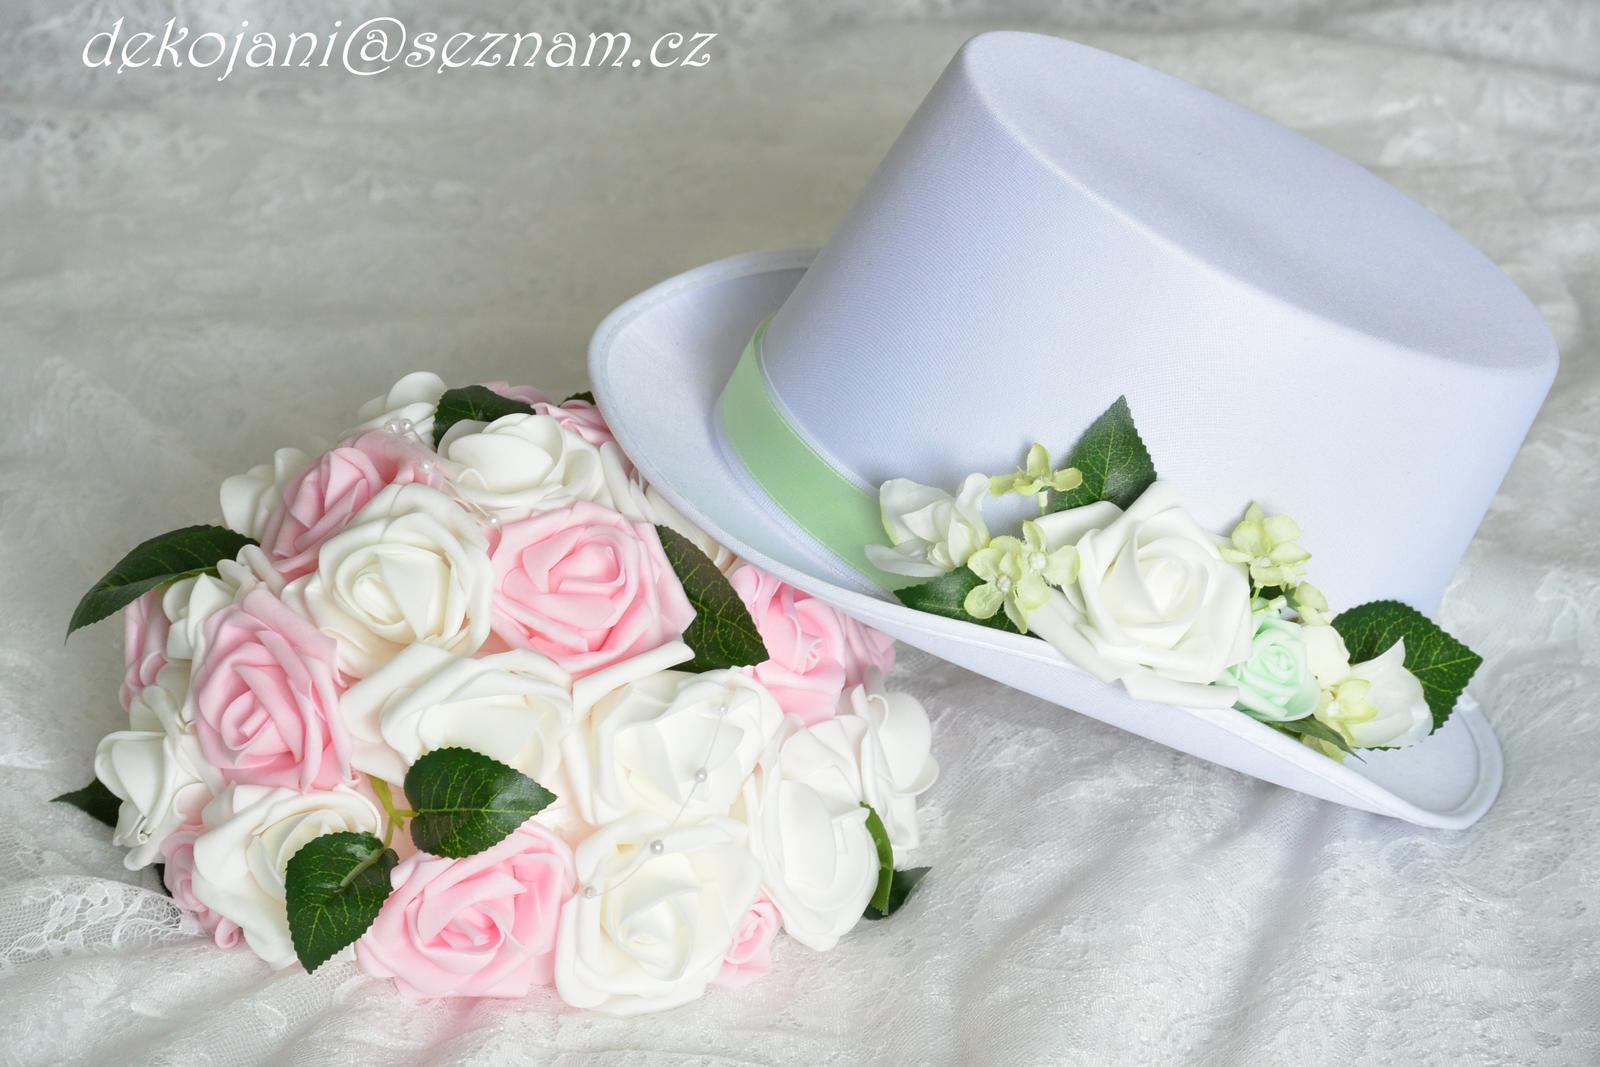 Květinový buket - Obrázek č. 1